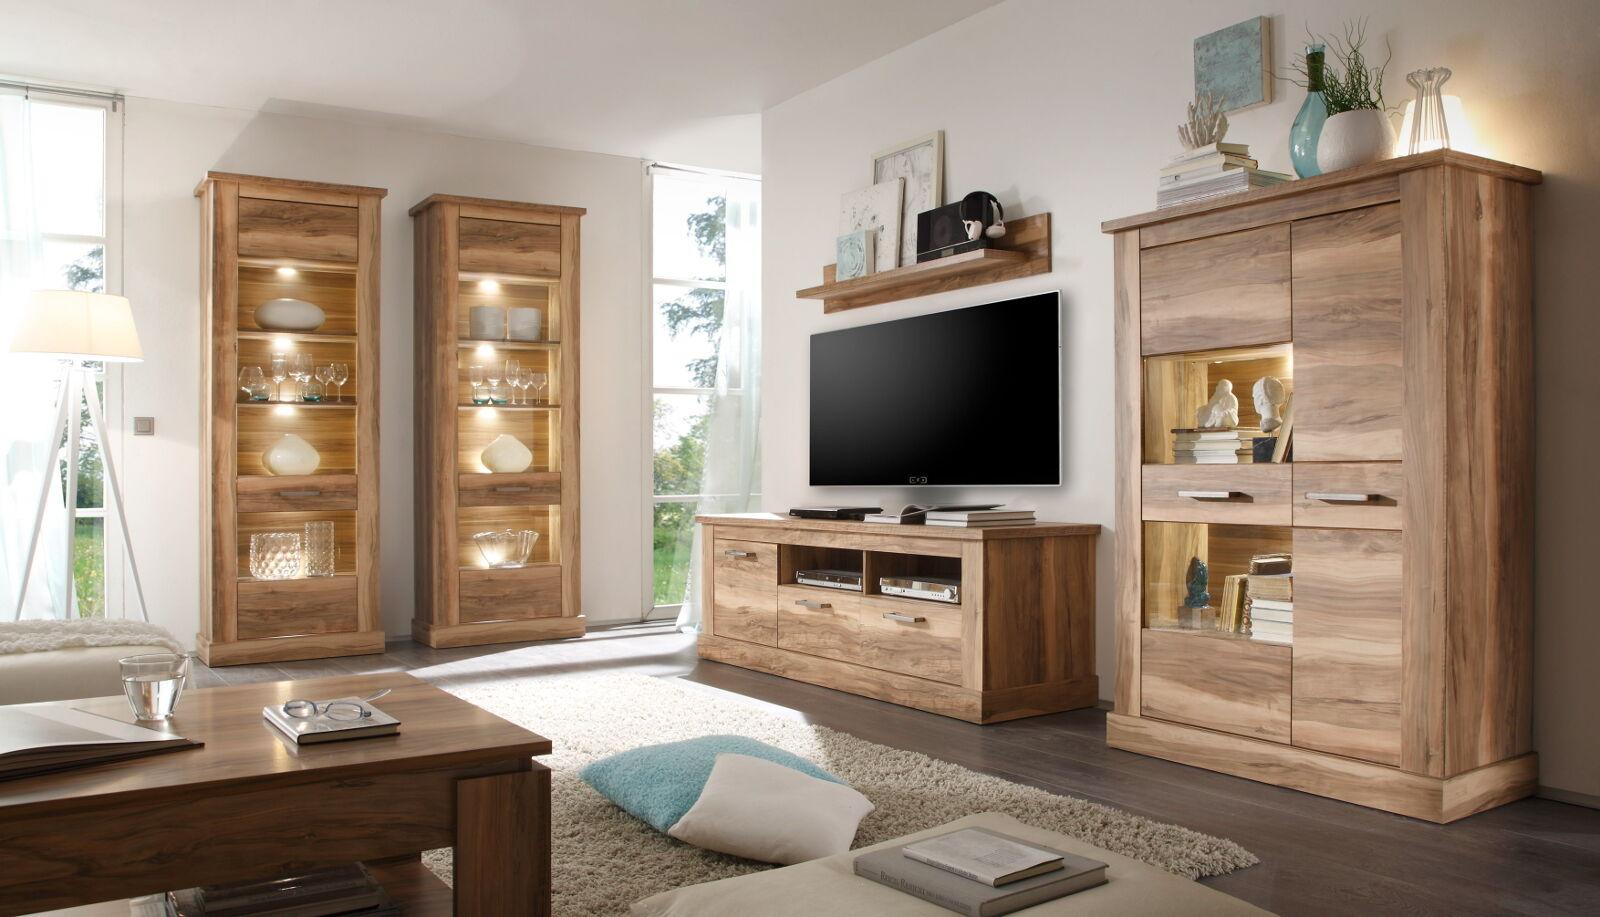 couchtisch beistelltisch nussbaum satin wohnzimmer holz tisch m bel ablage boom eur 87 49. Black Bedroom Furniture Sets. Home Design Ideas